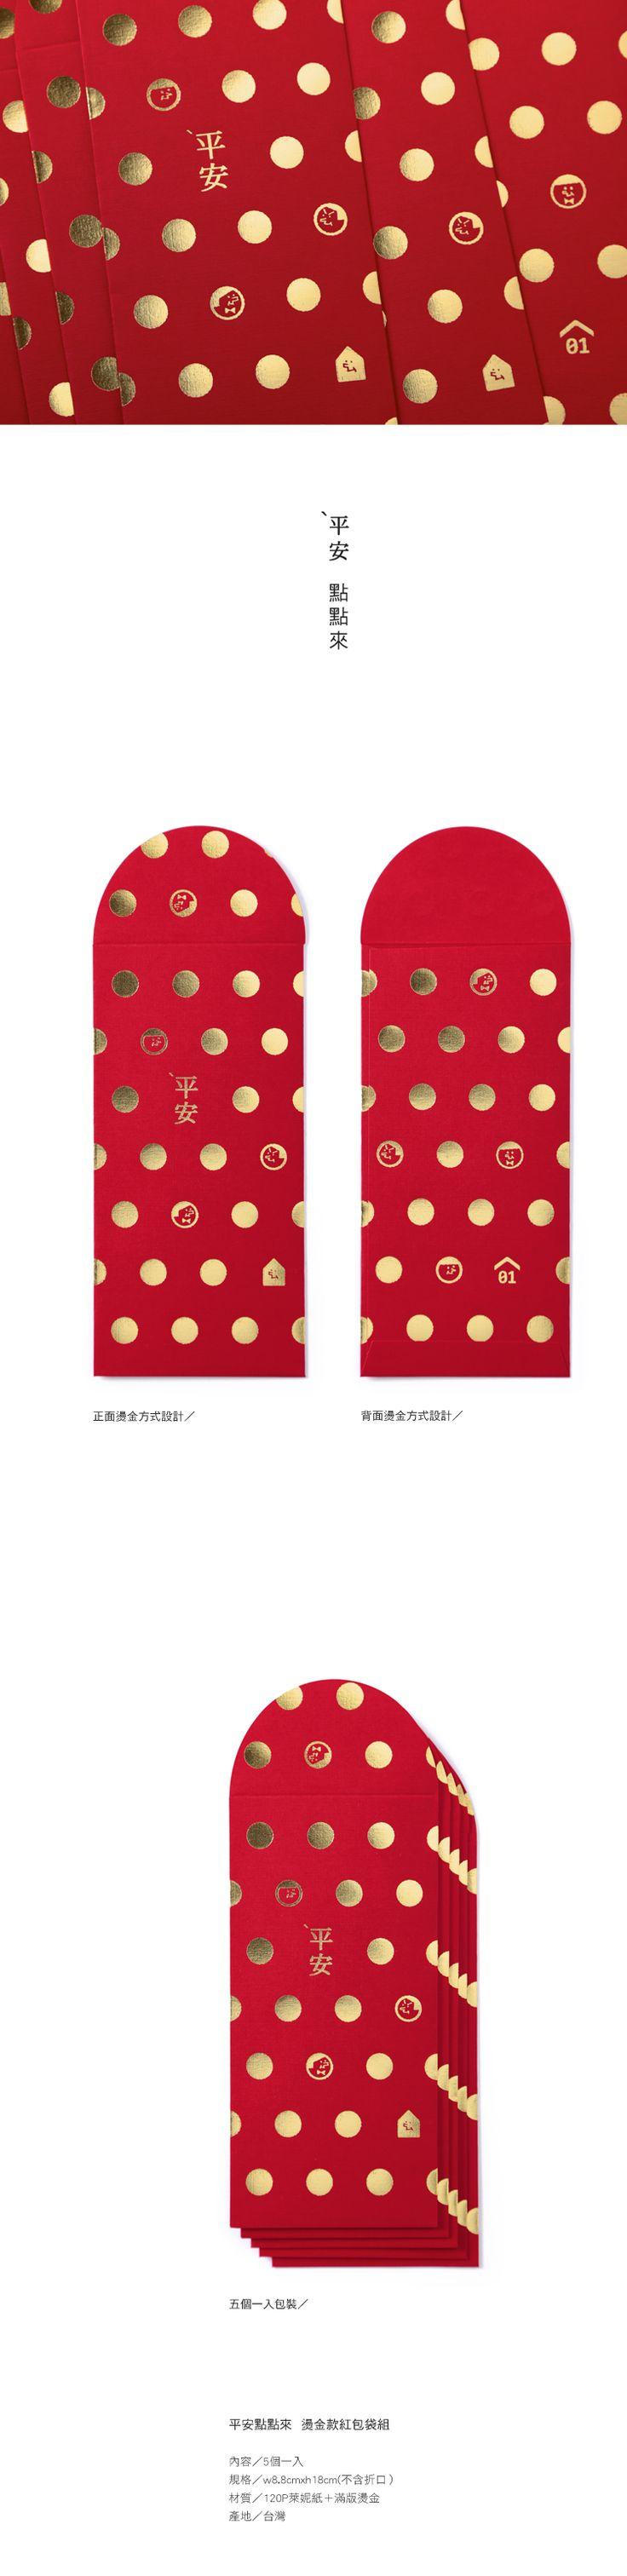 平安點點來/紅包袋組。燙金款 - 0416x1024 | Pinkoi